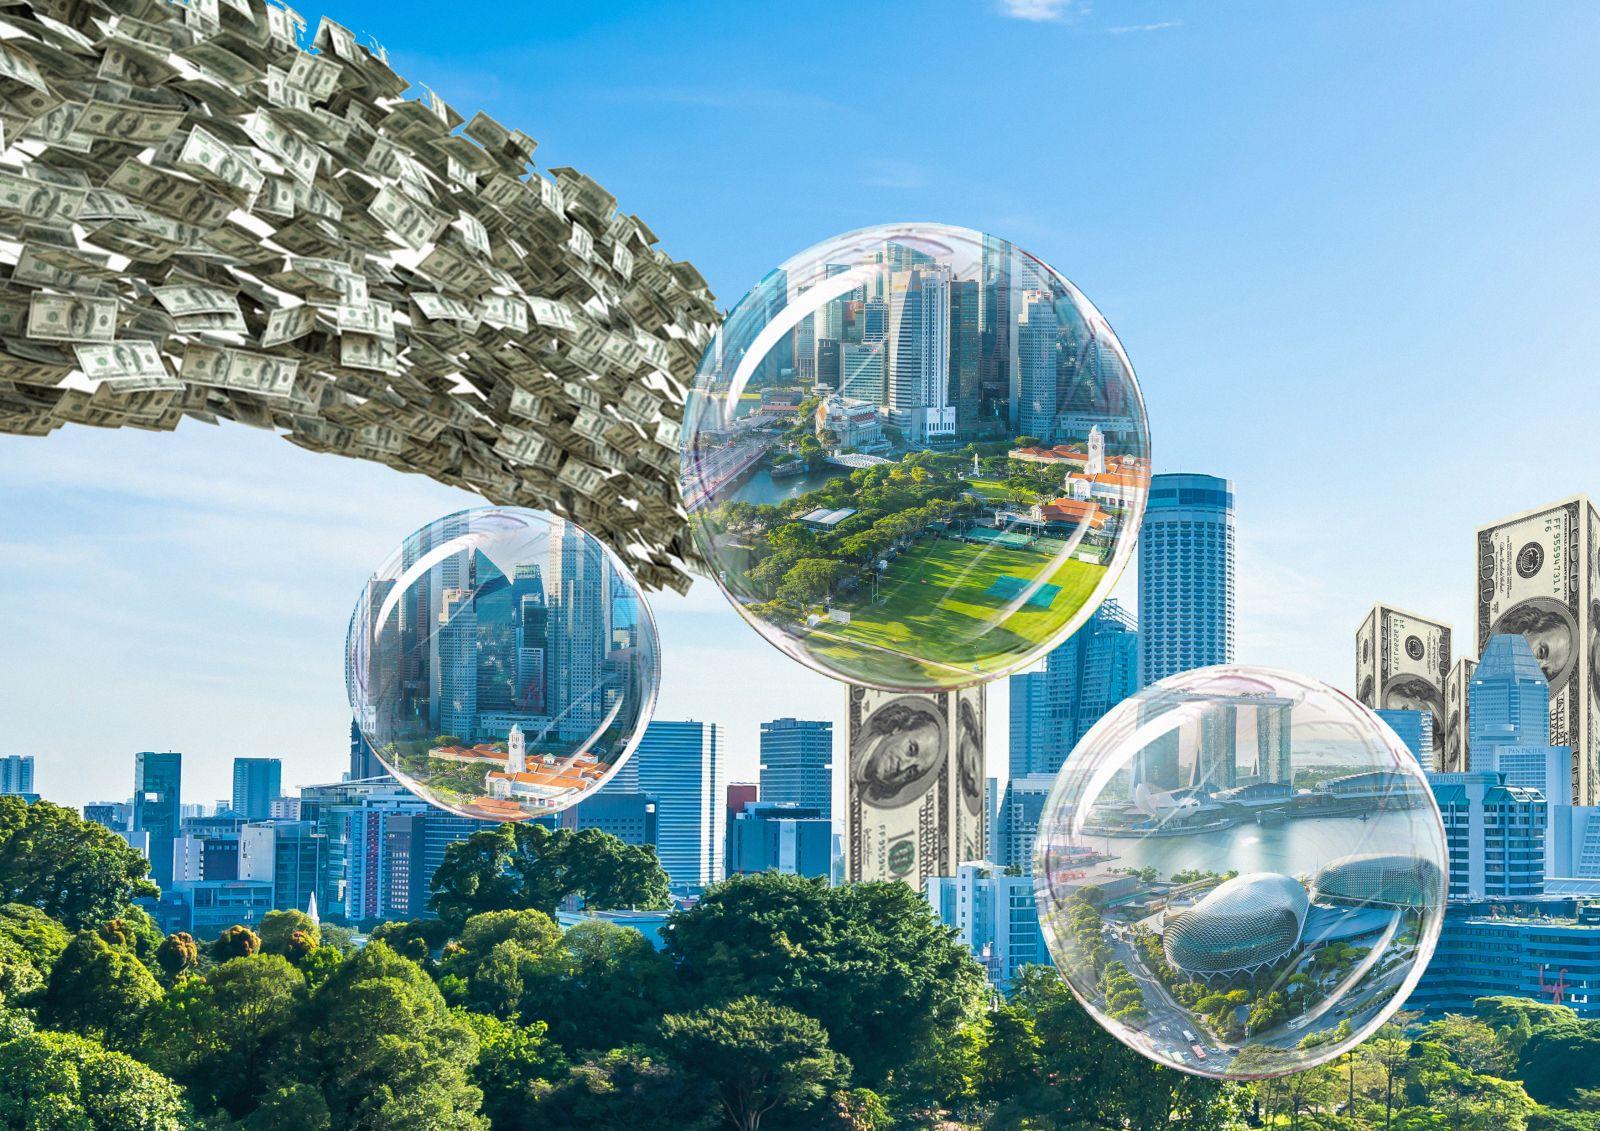 Khi lượng tiền đổ quá nhiều vào bất động sản, sẽ dễ dẫn tới nguy cơ bong bóng